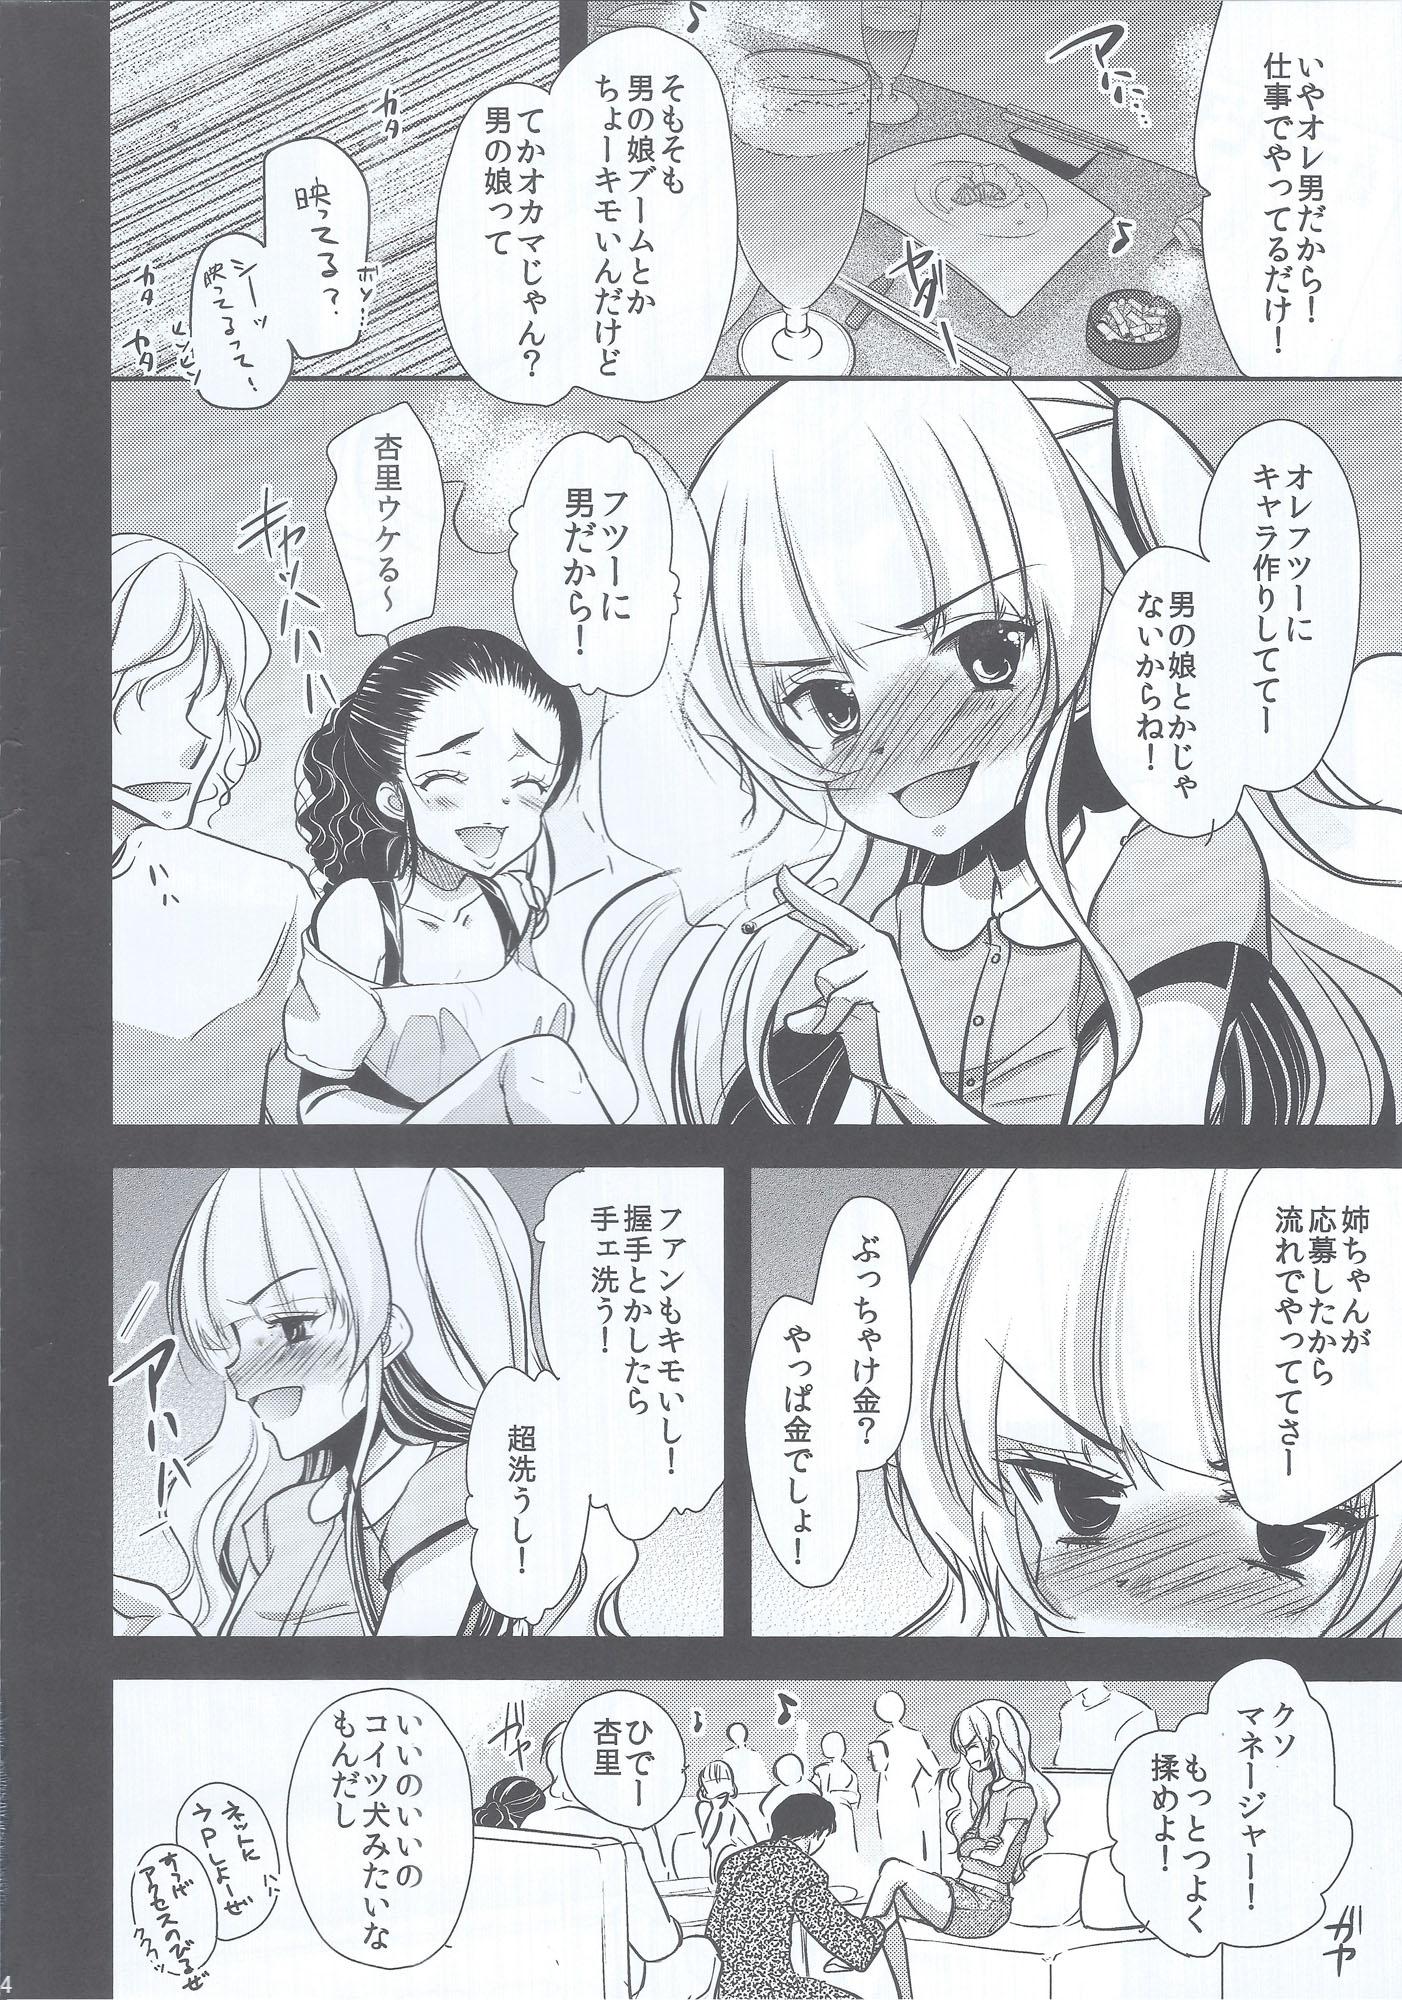 【エロ漫画・エロ同人誌】男の娘アイドルがスキャンダル起こして違約金の為に枕営業してるwww (3)